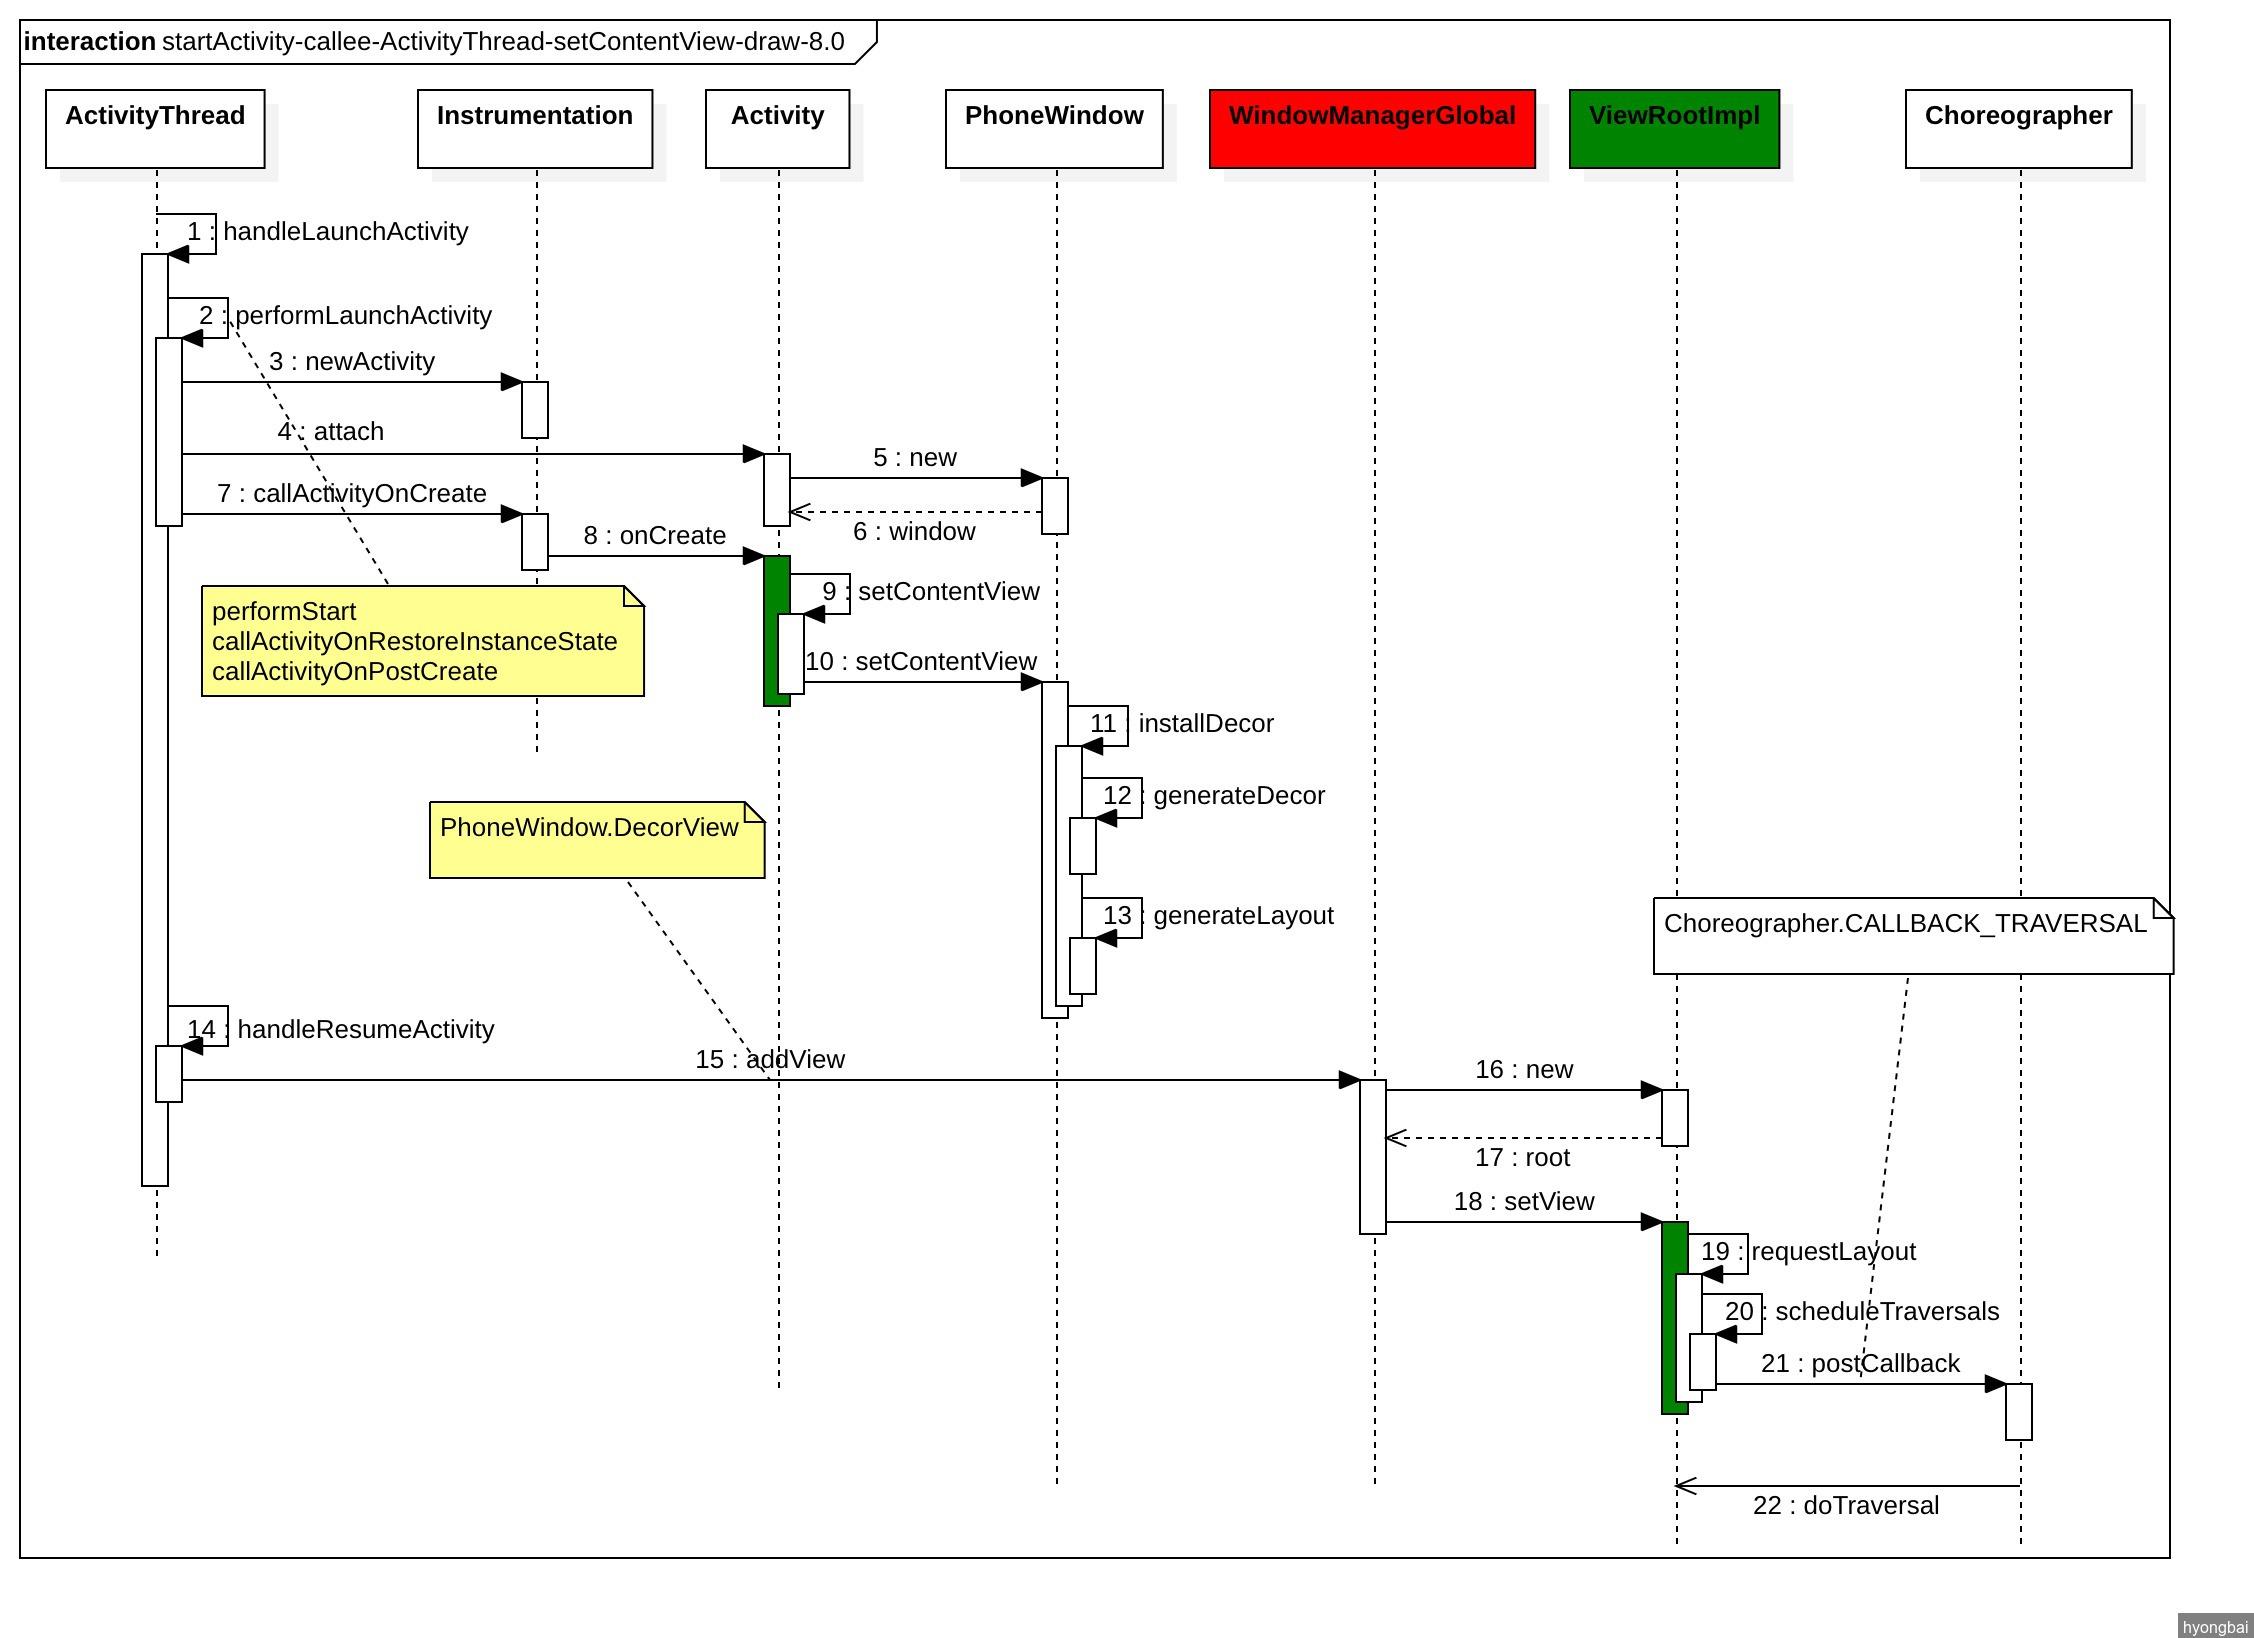 startActivity-callee-ActivityThread-setContentView-draw-8.0.jpg